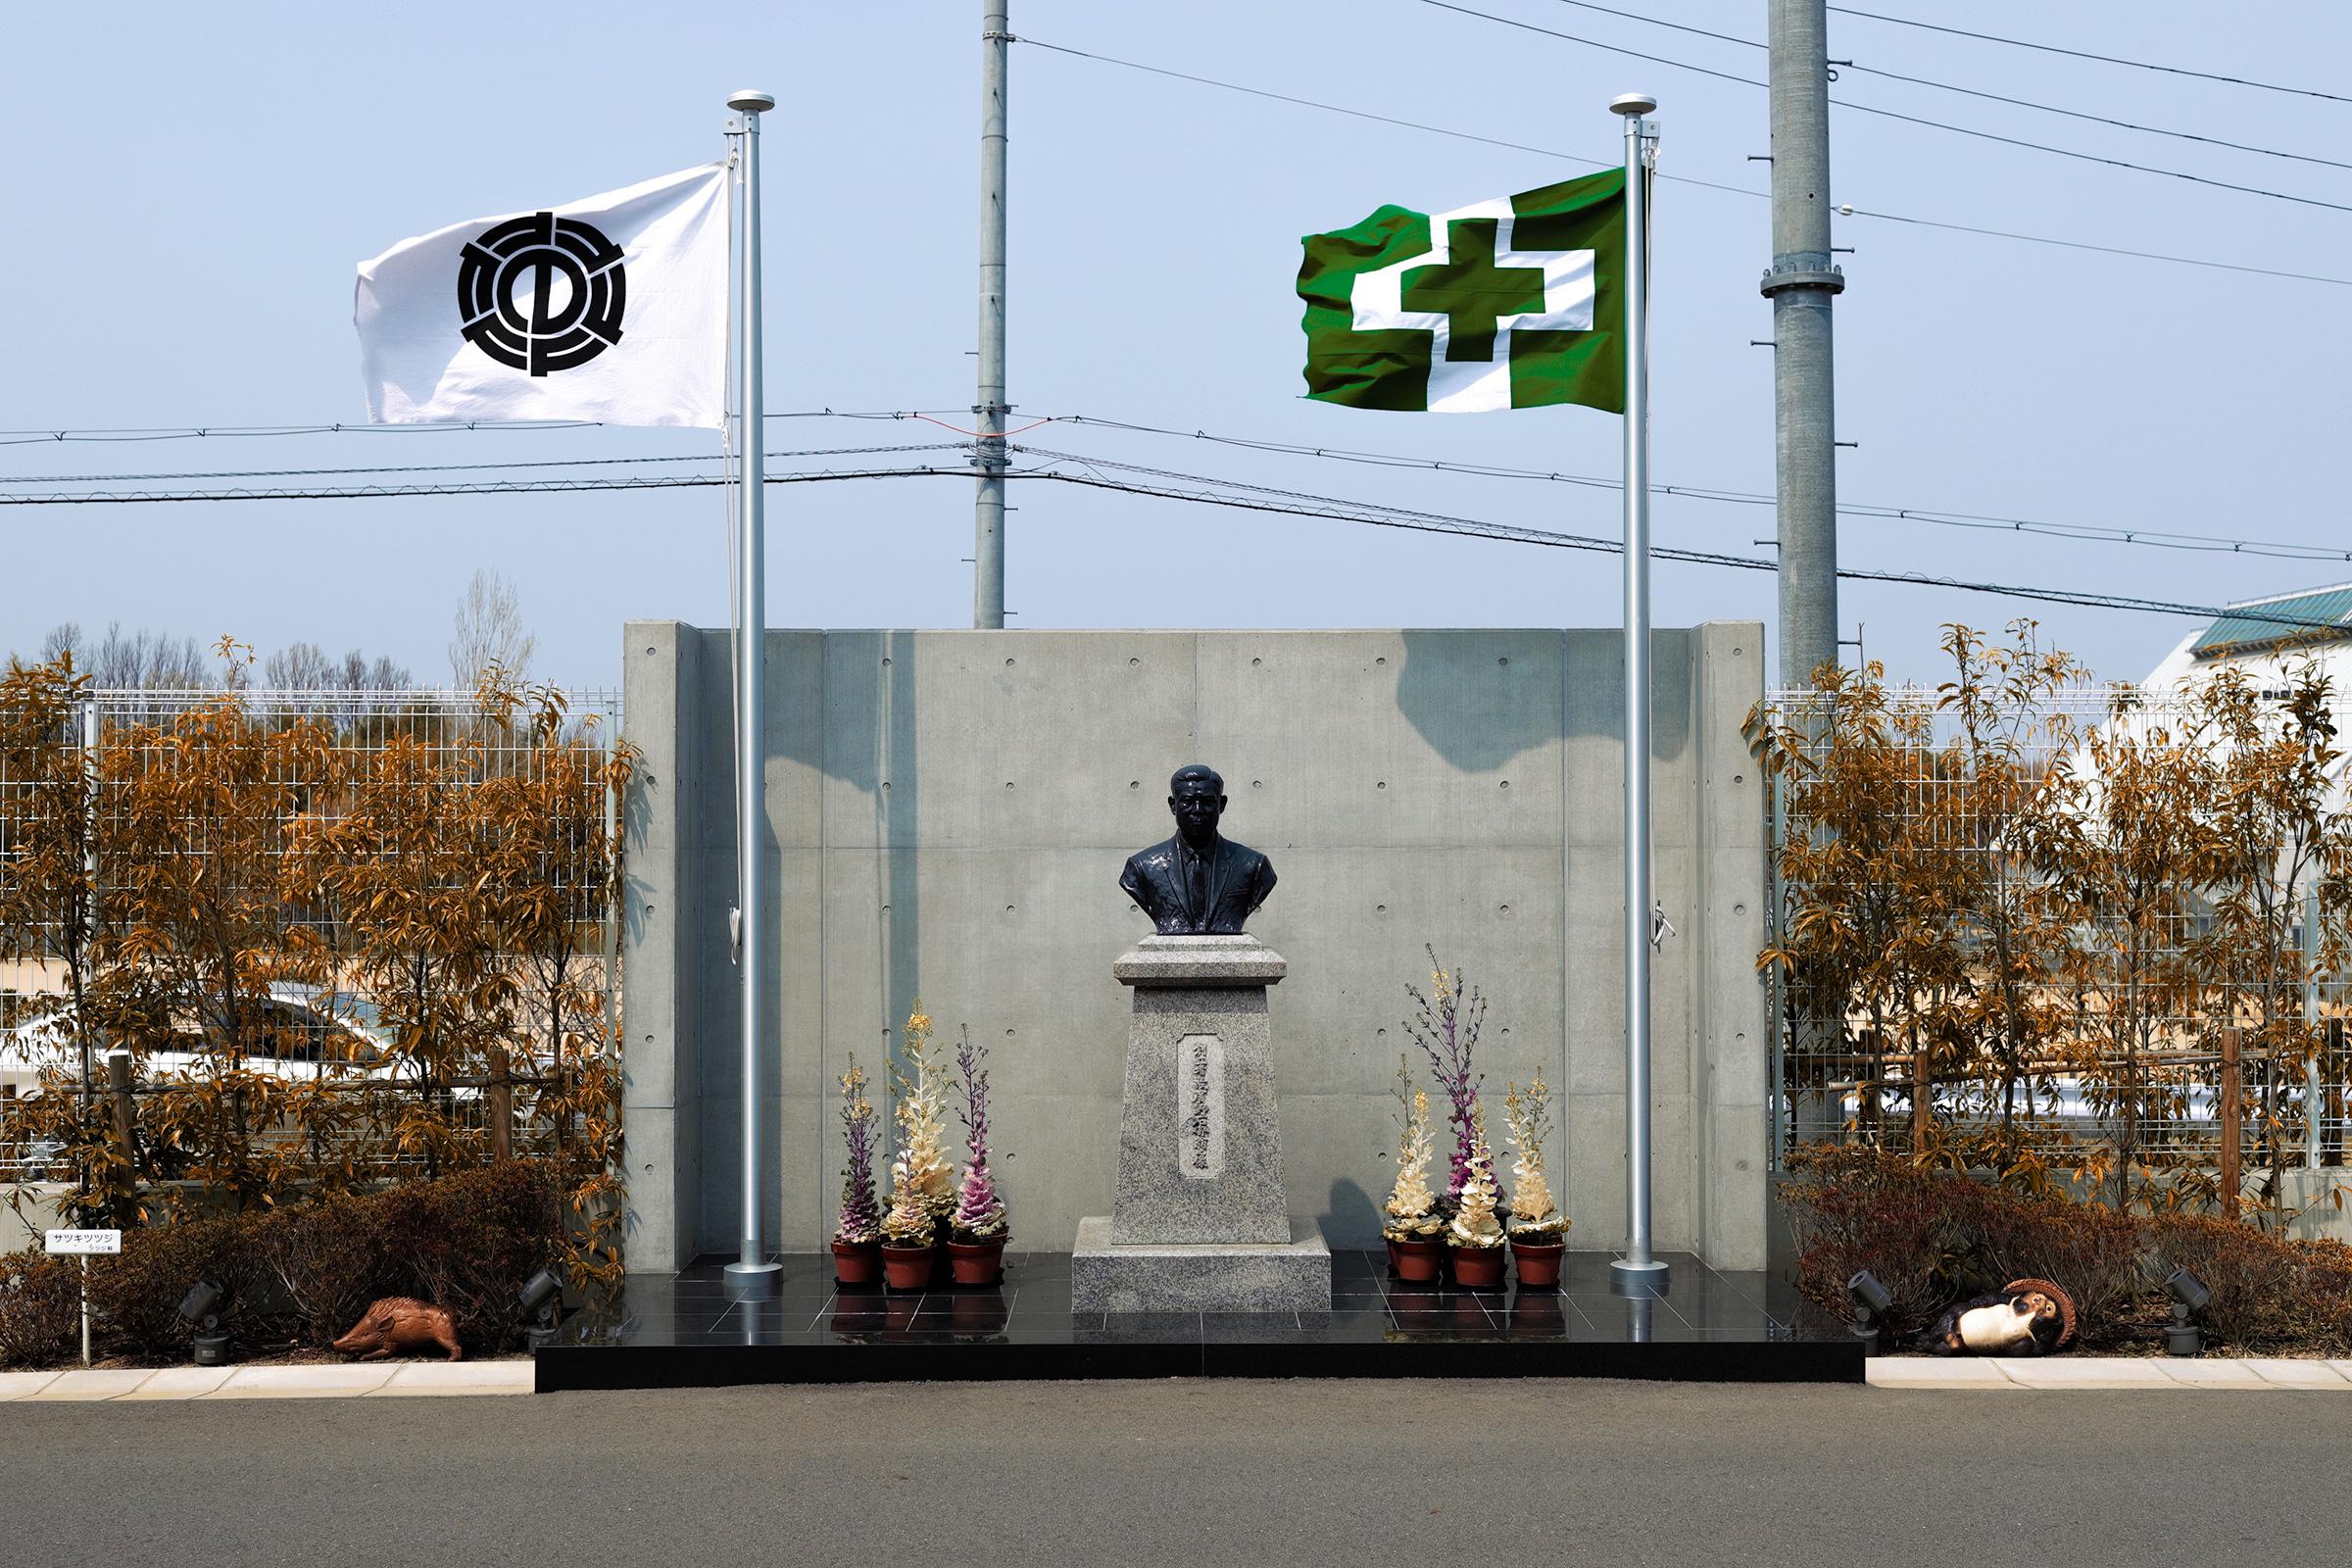 緑豊かな自然と調和のとれた工場